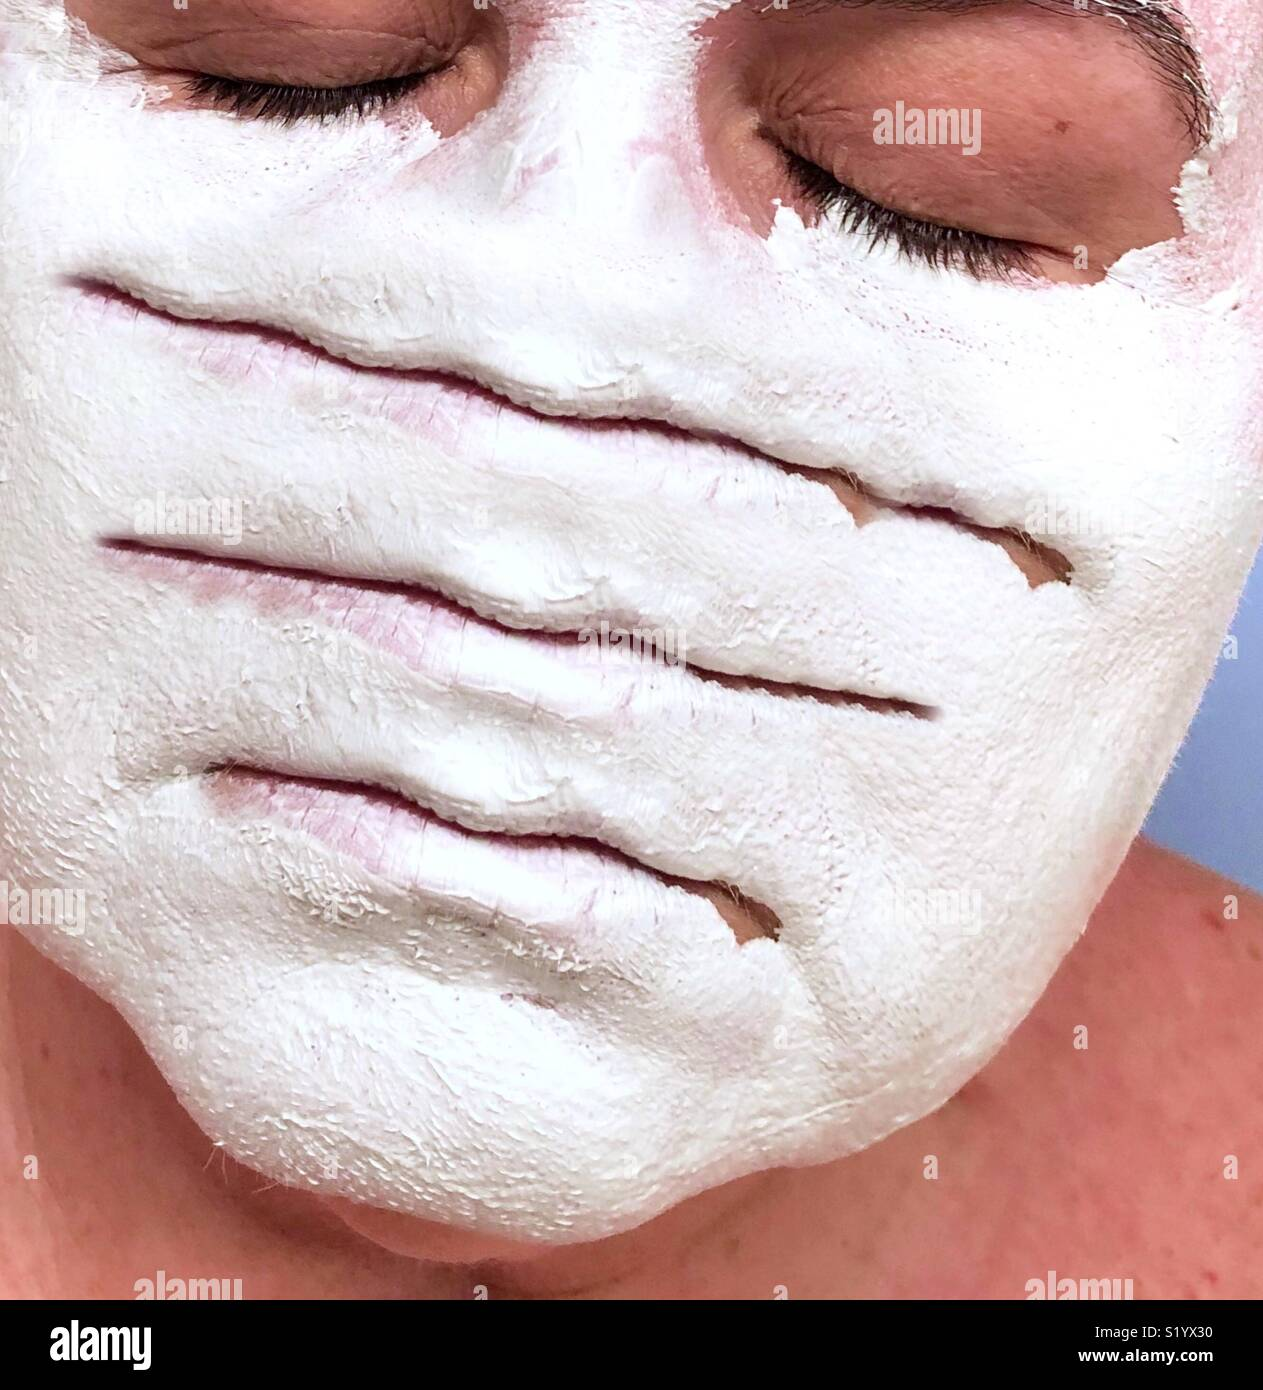 Eine abstrakte konzeptuelle Kunstwerke einer Frau mit geschlossenen Augen Tragen eines weißen Ton Schlamm Maske mit drei Lippen Stockbild